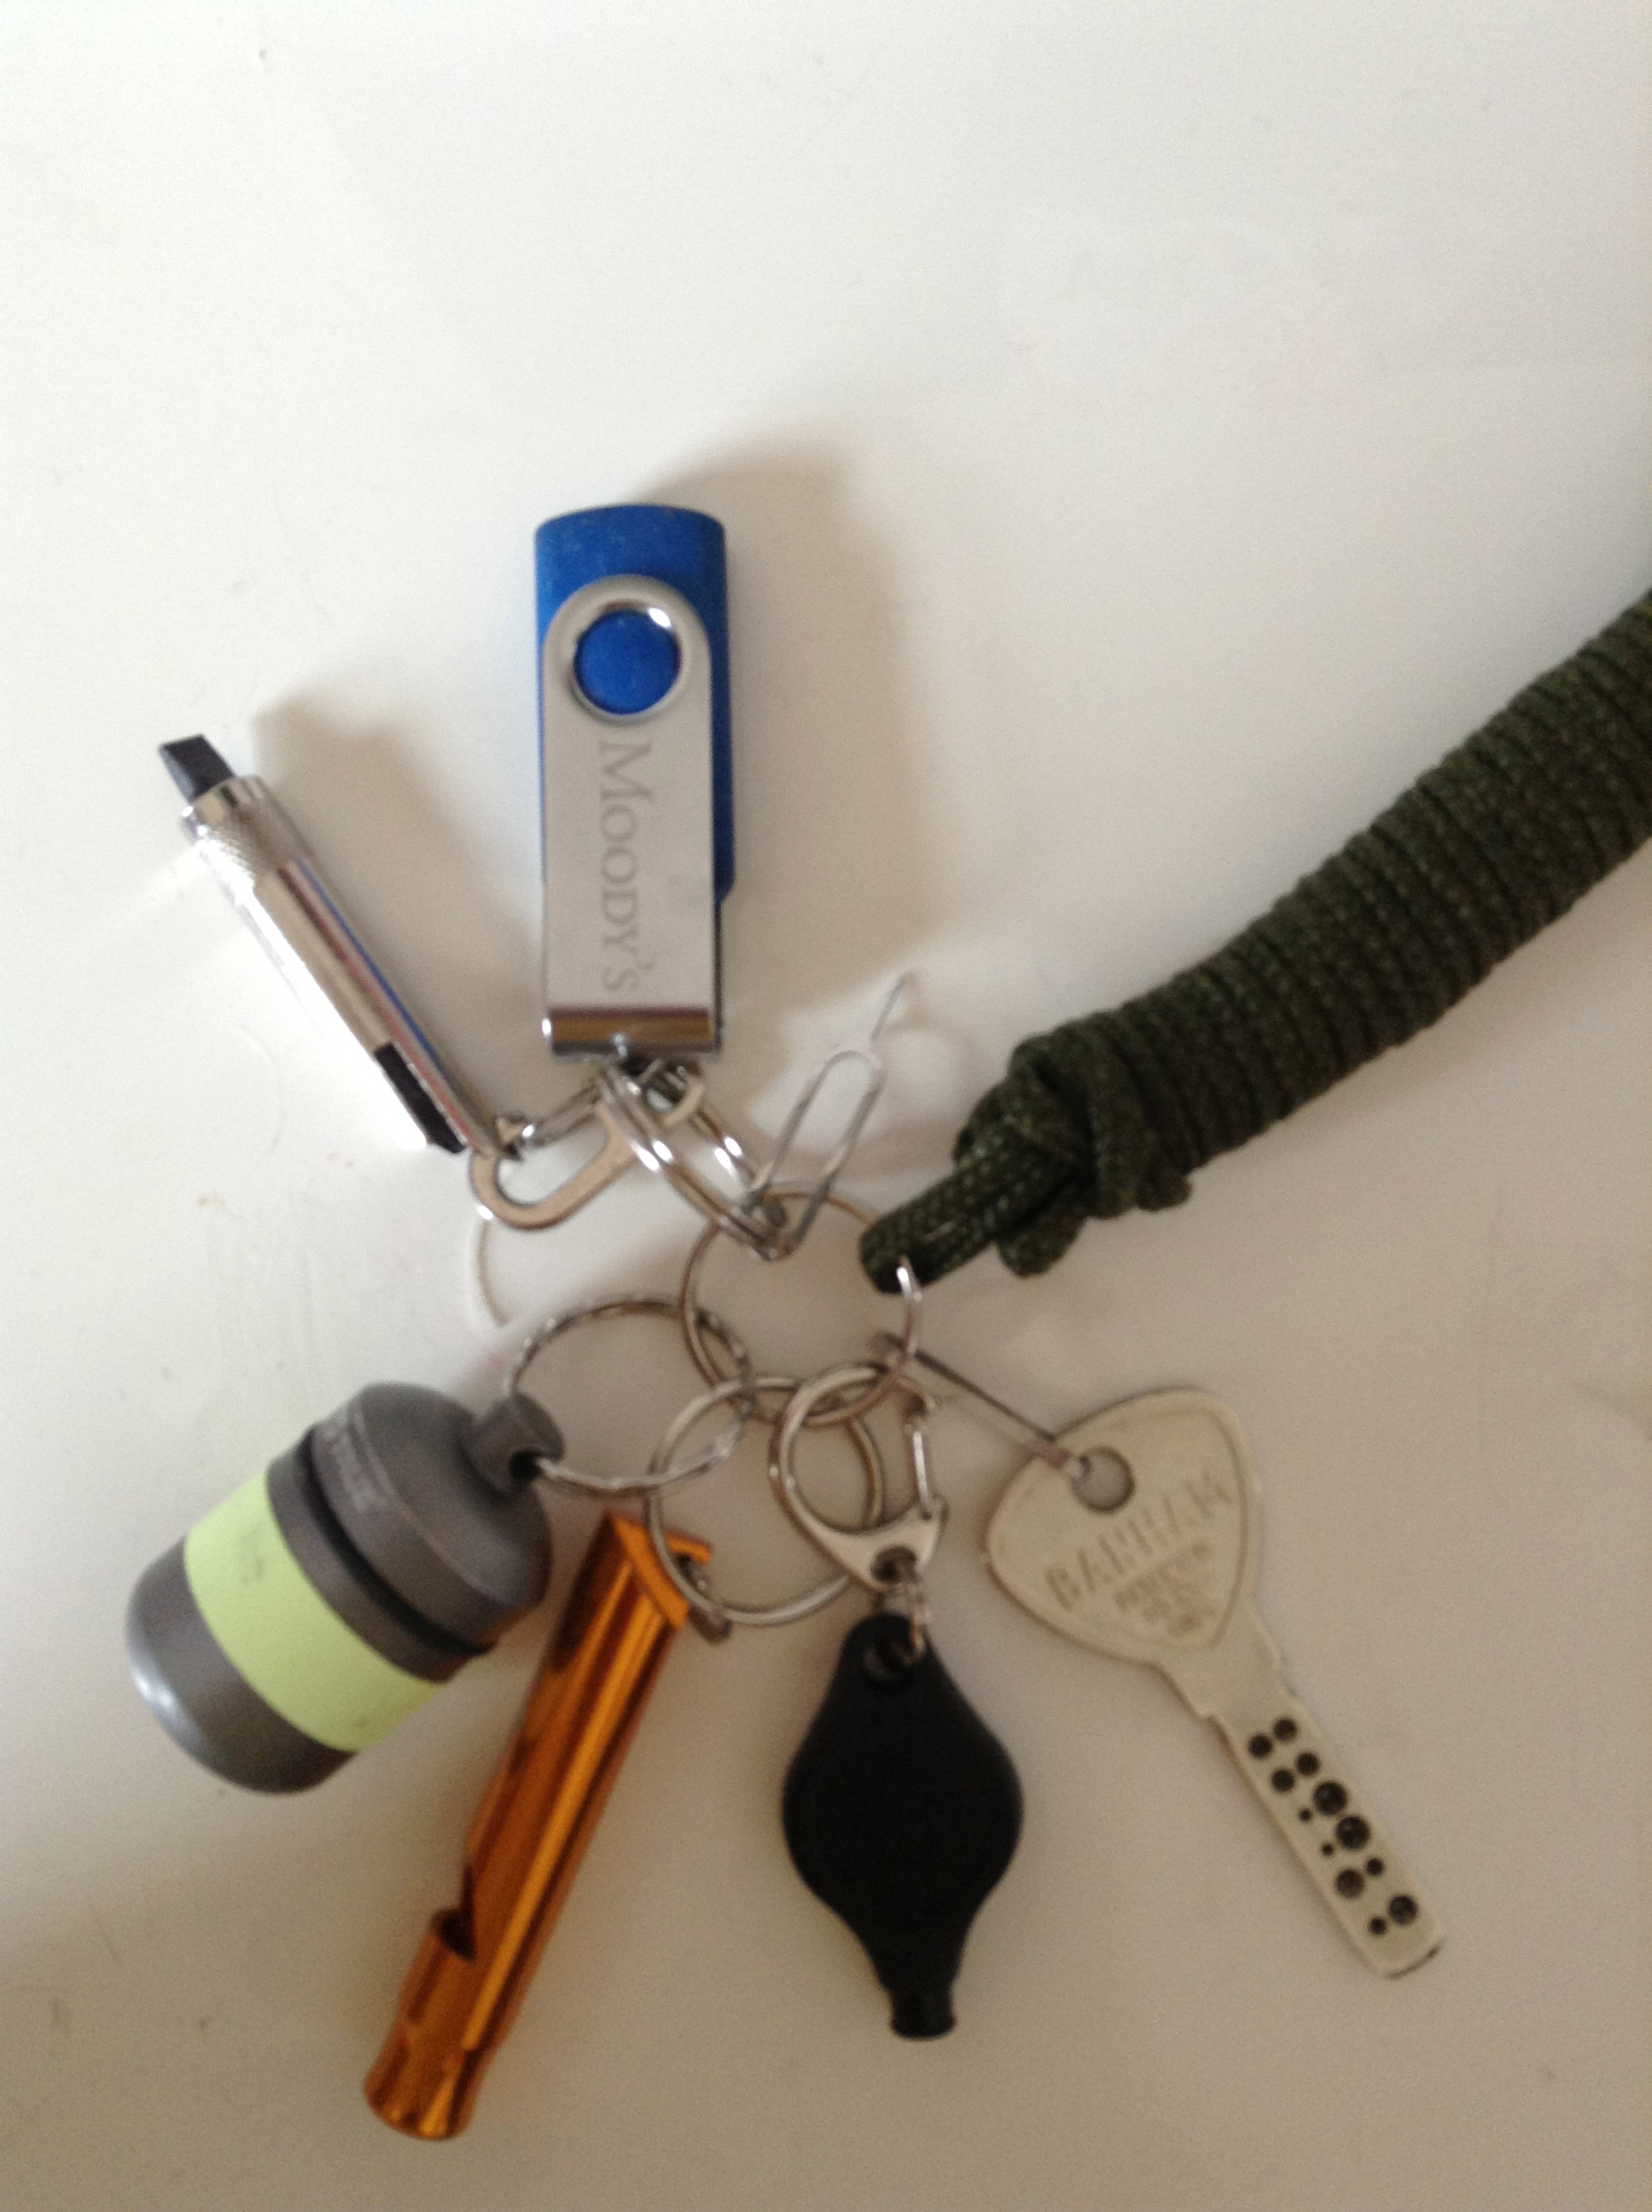 My Survival/Urban Keychain